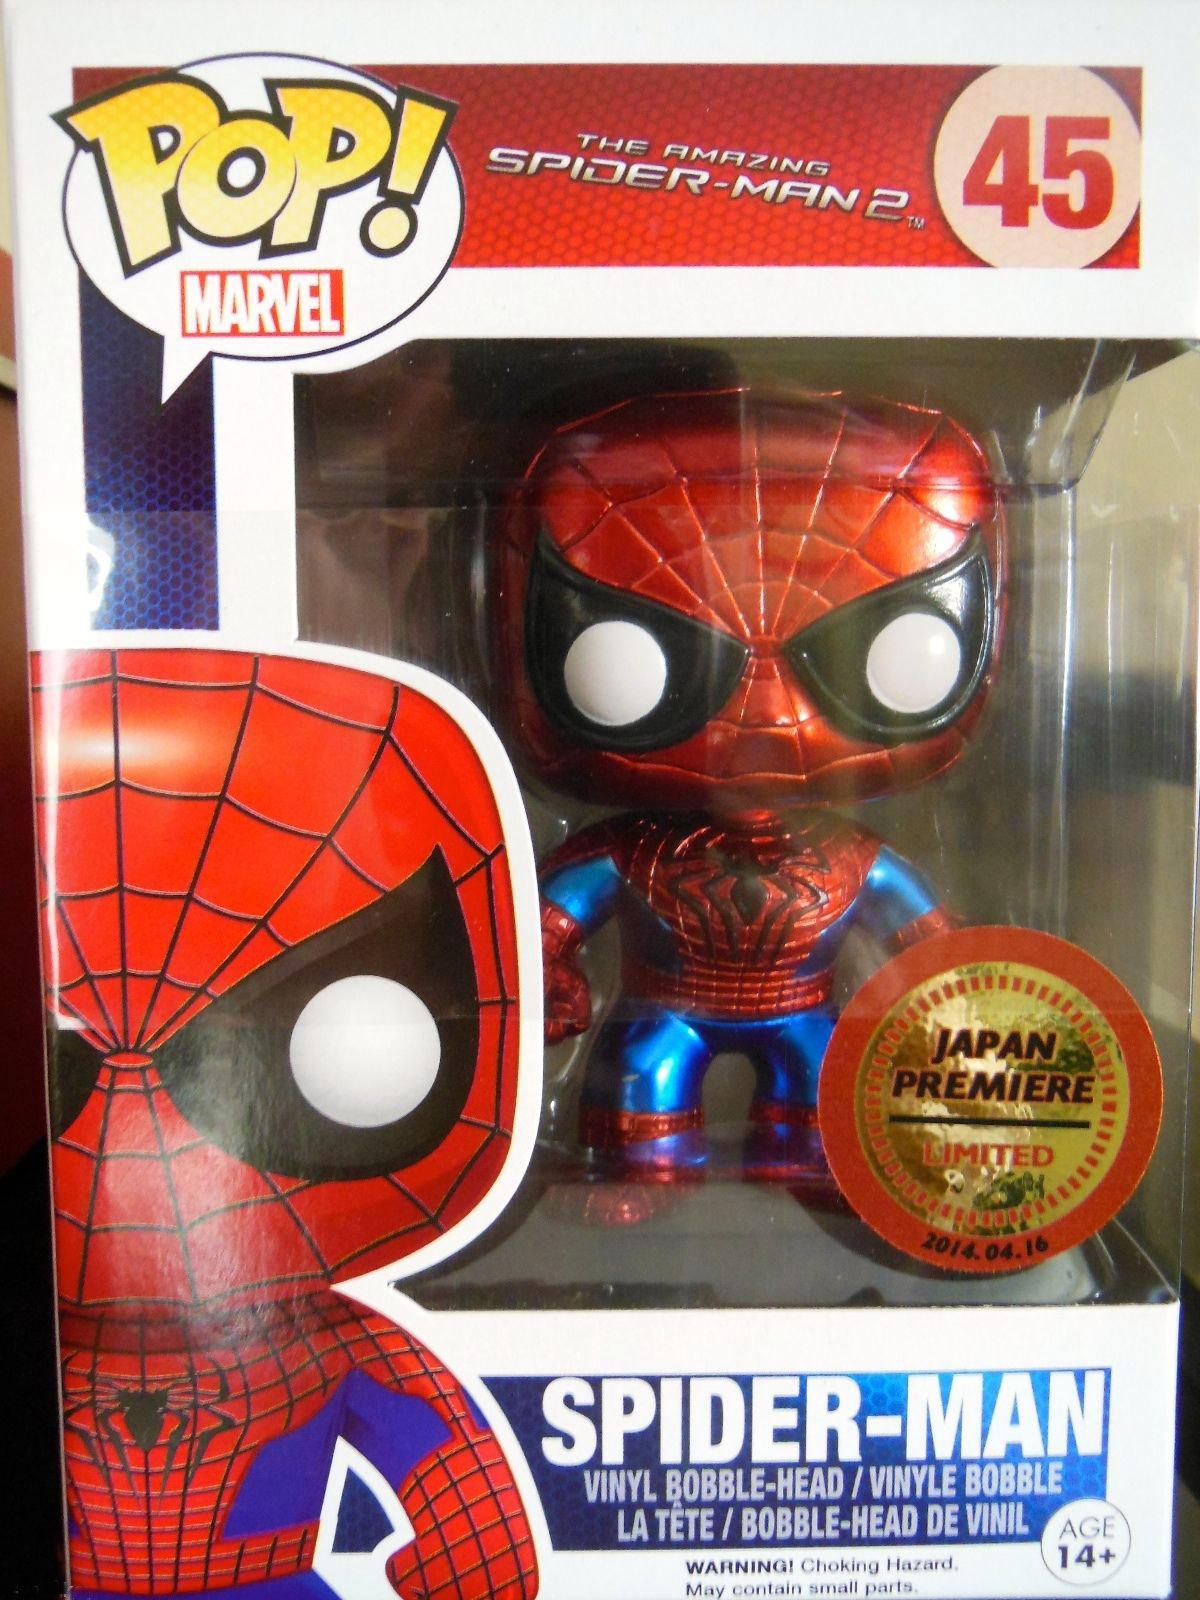 Funko Japan Premiere Metallic Spider Man Pop Vinyl